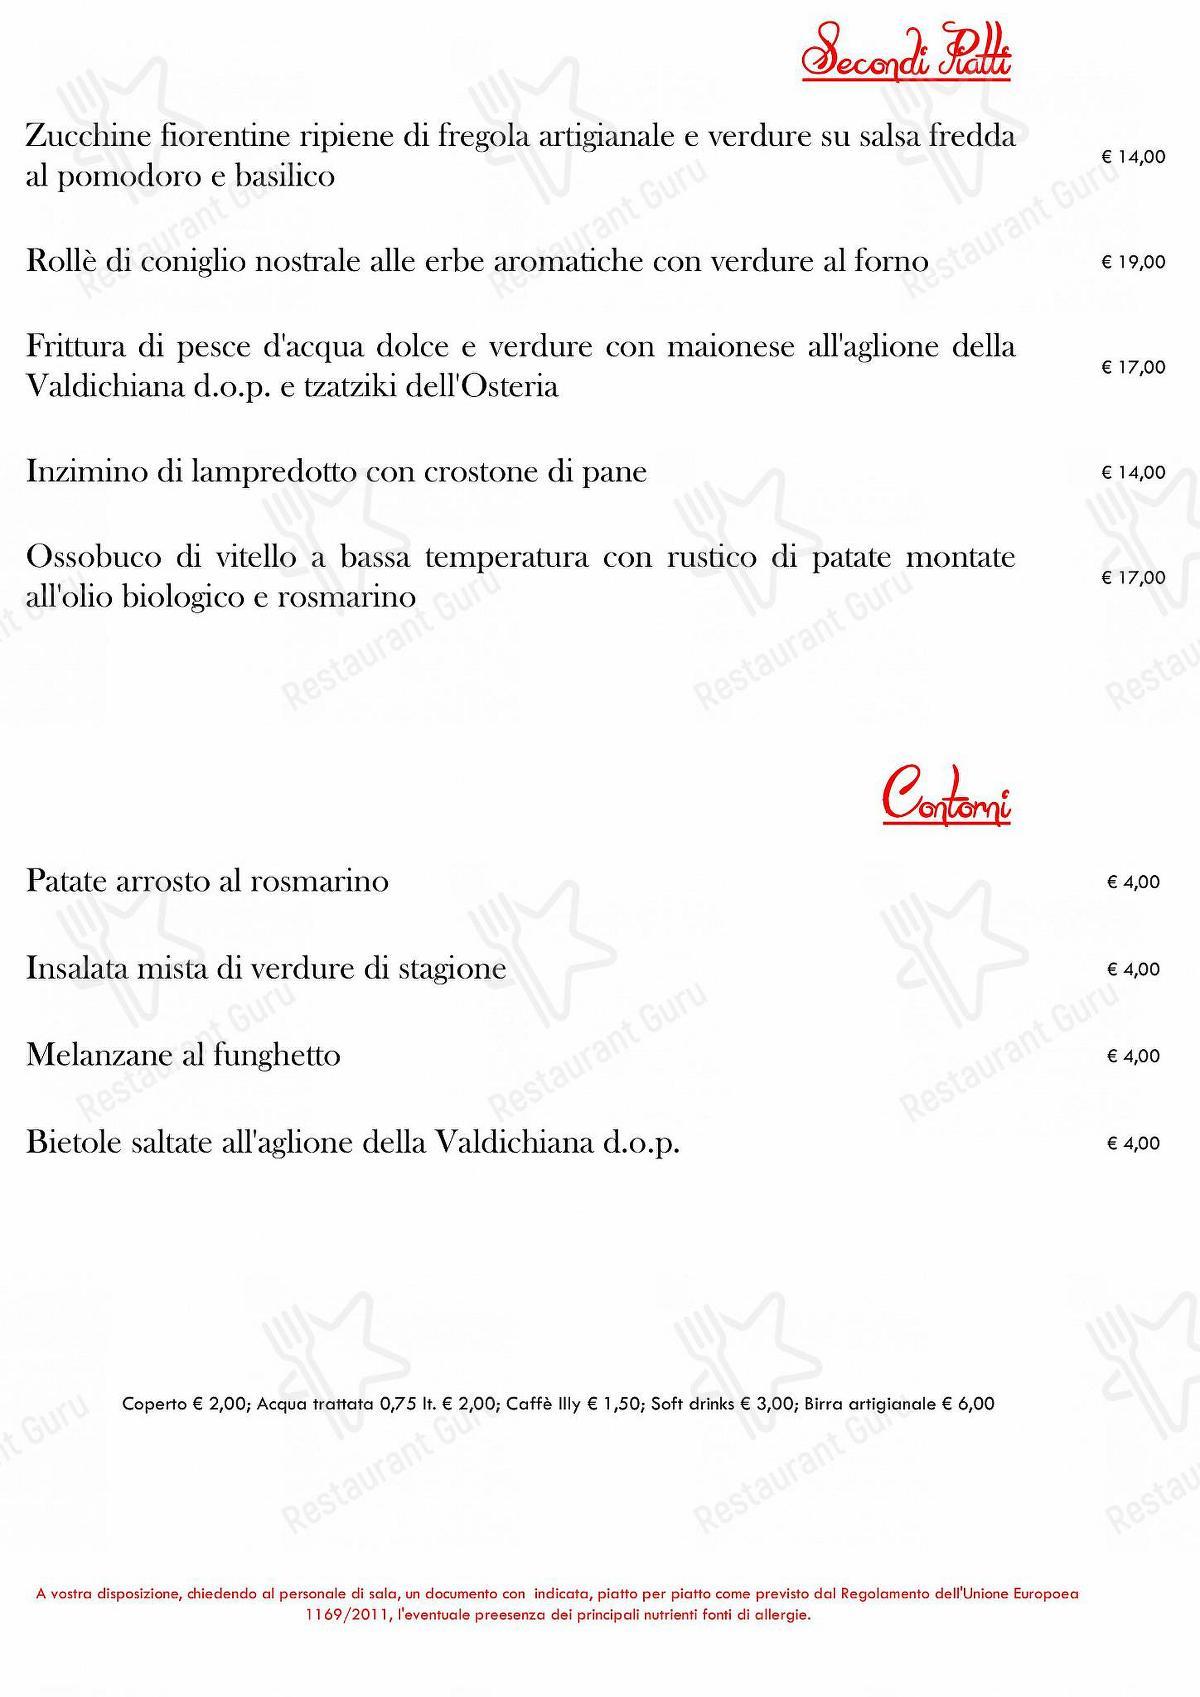 Guarda il menu di Osteria Pratellino